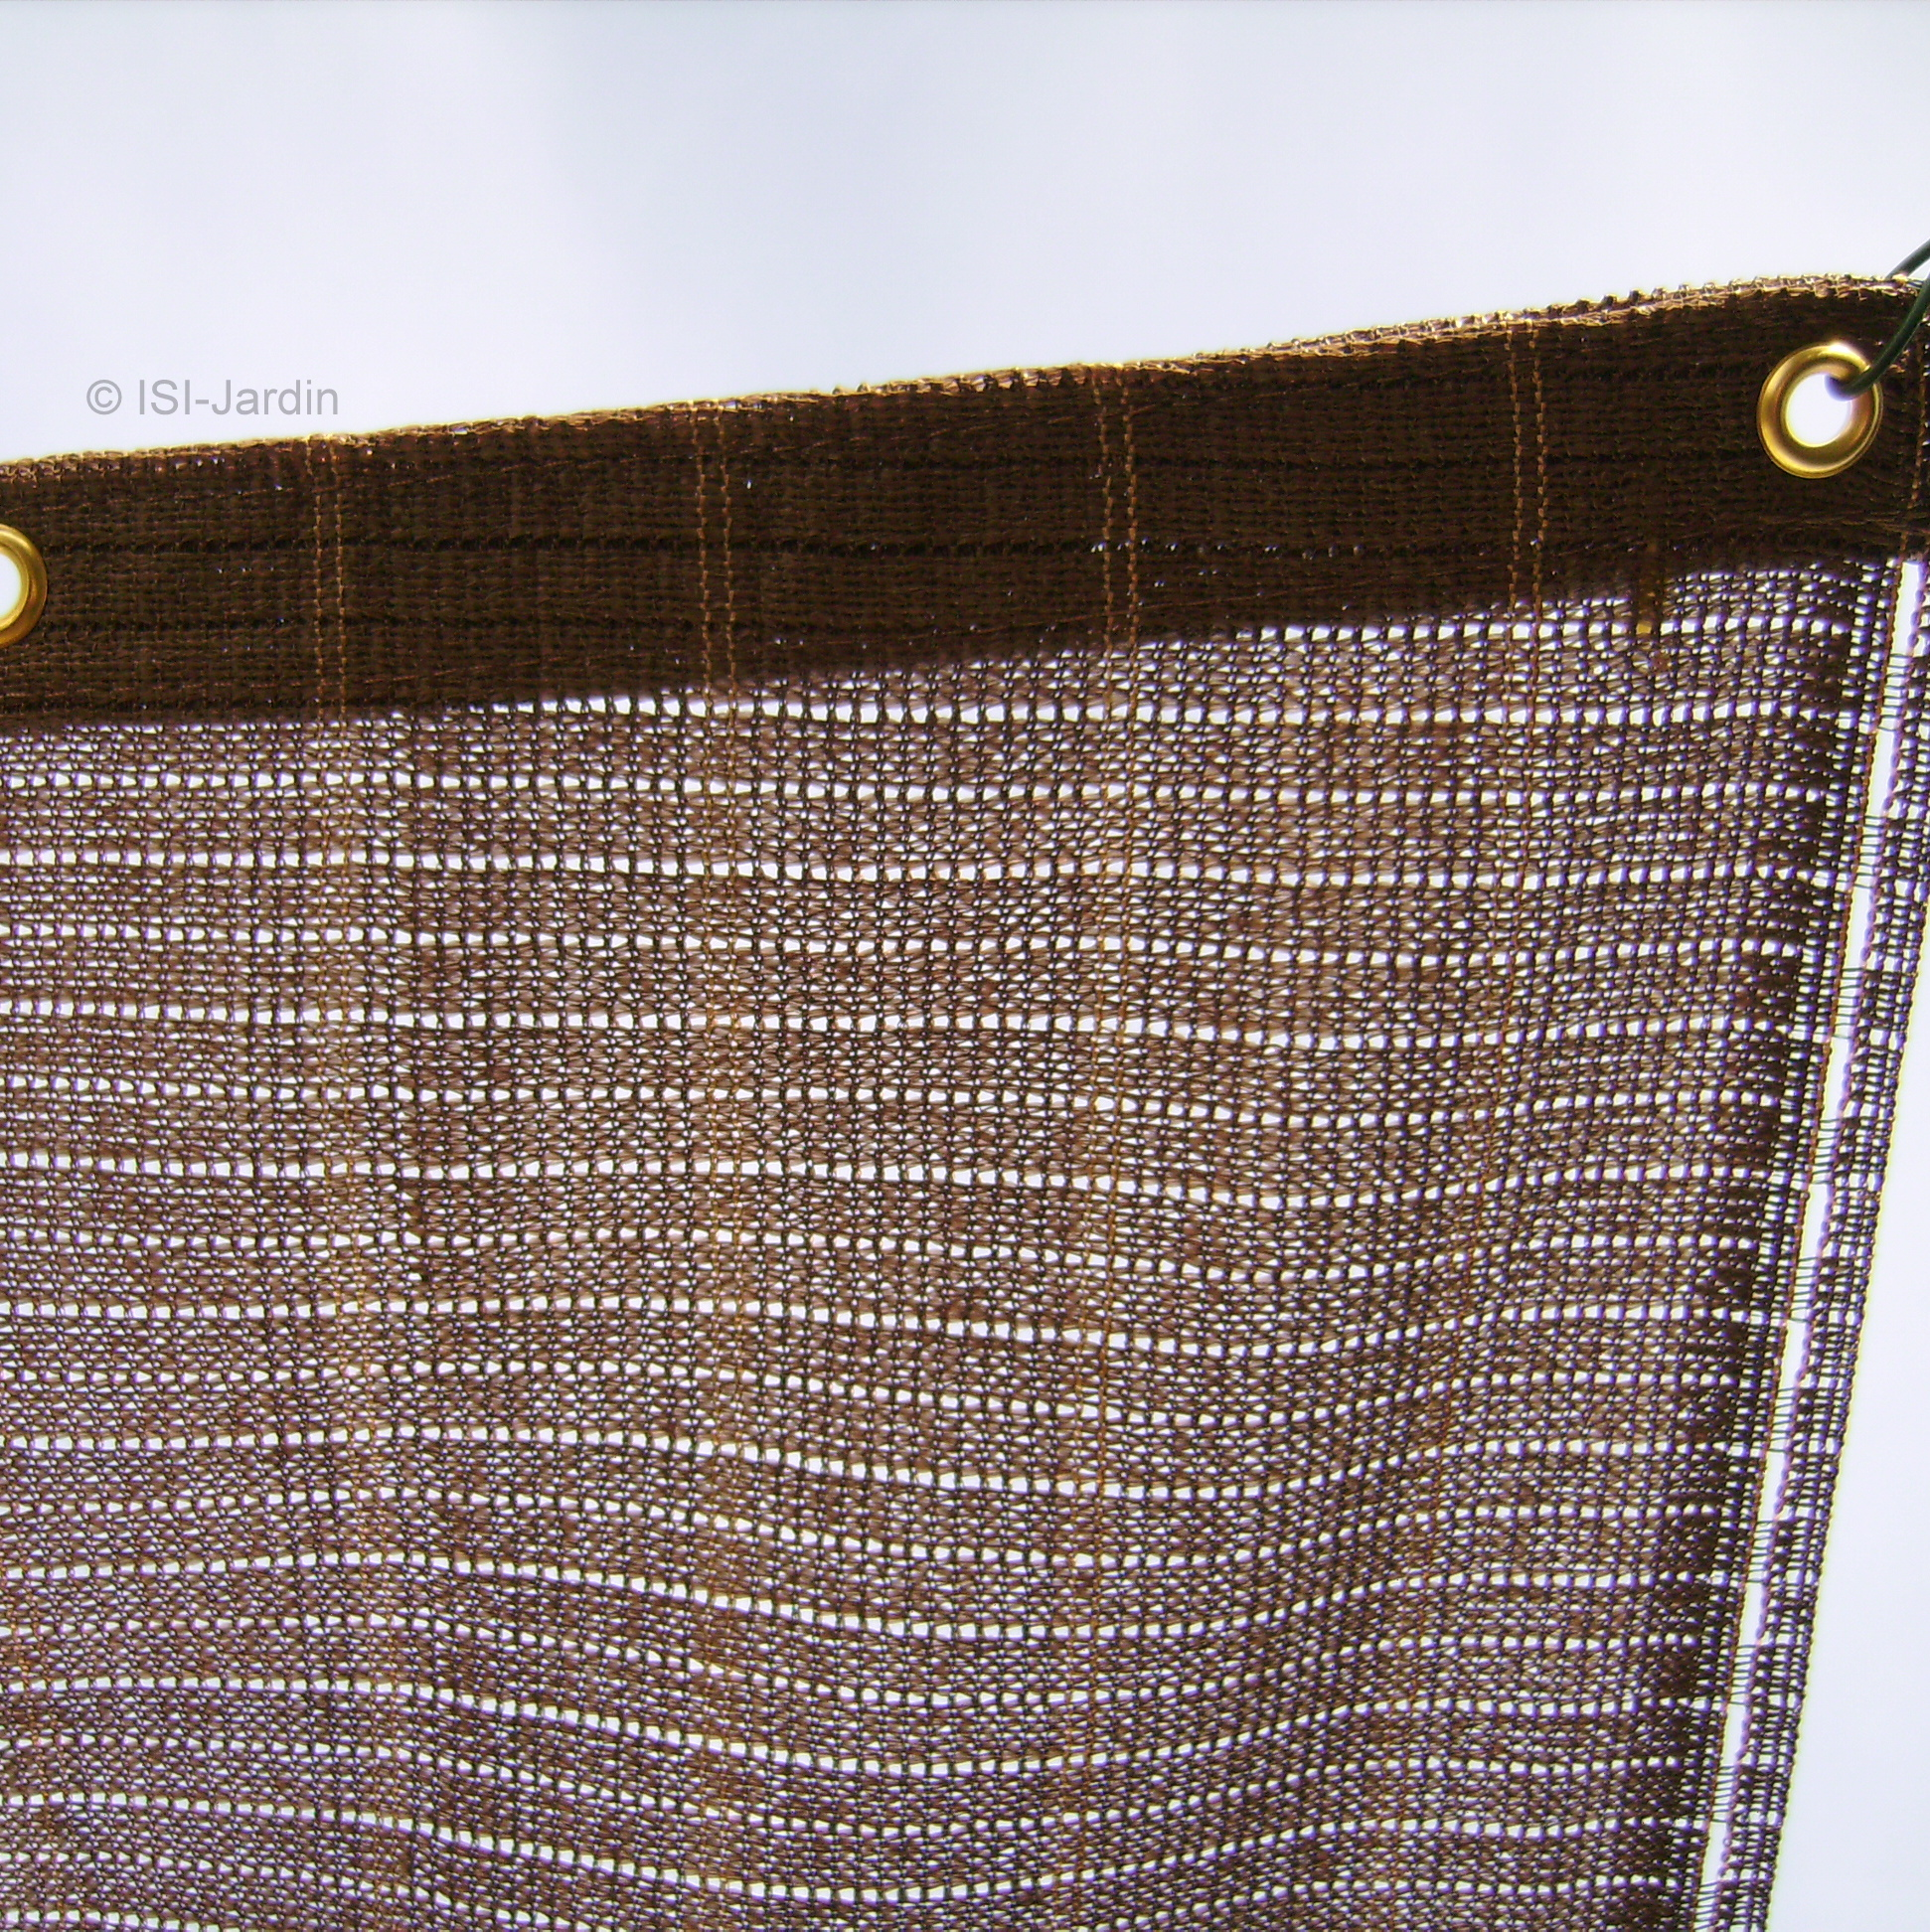 Toile Ombrage Au Metre toile d'ombrage 85% havana 4 mètres x 3 mètres marron